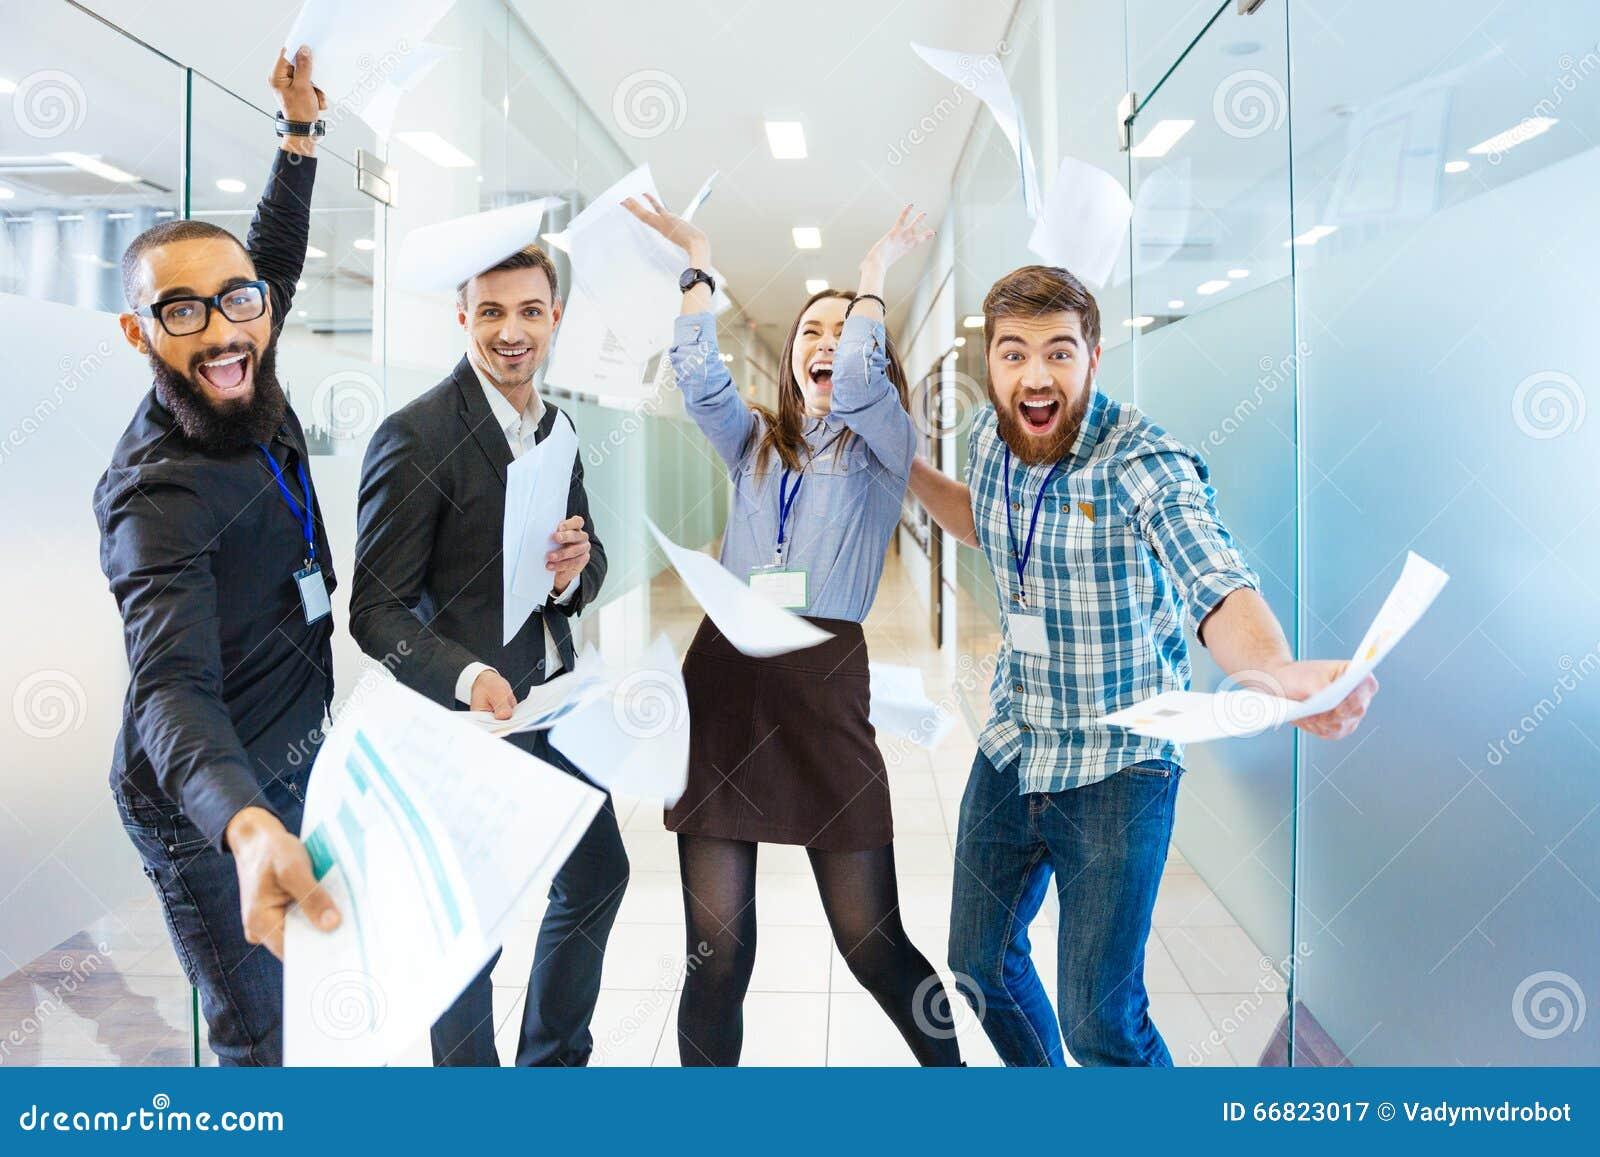 Grupp av glat upphetsat affärsfolk som har gyckel i regeringsställning